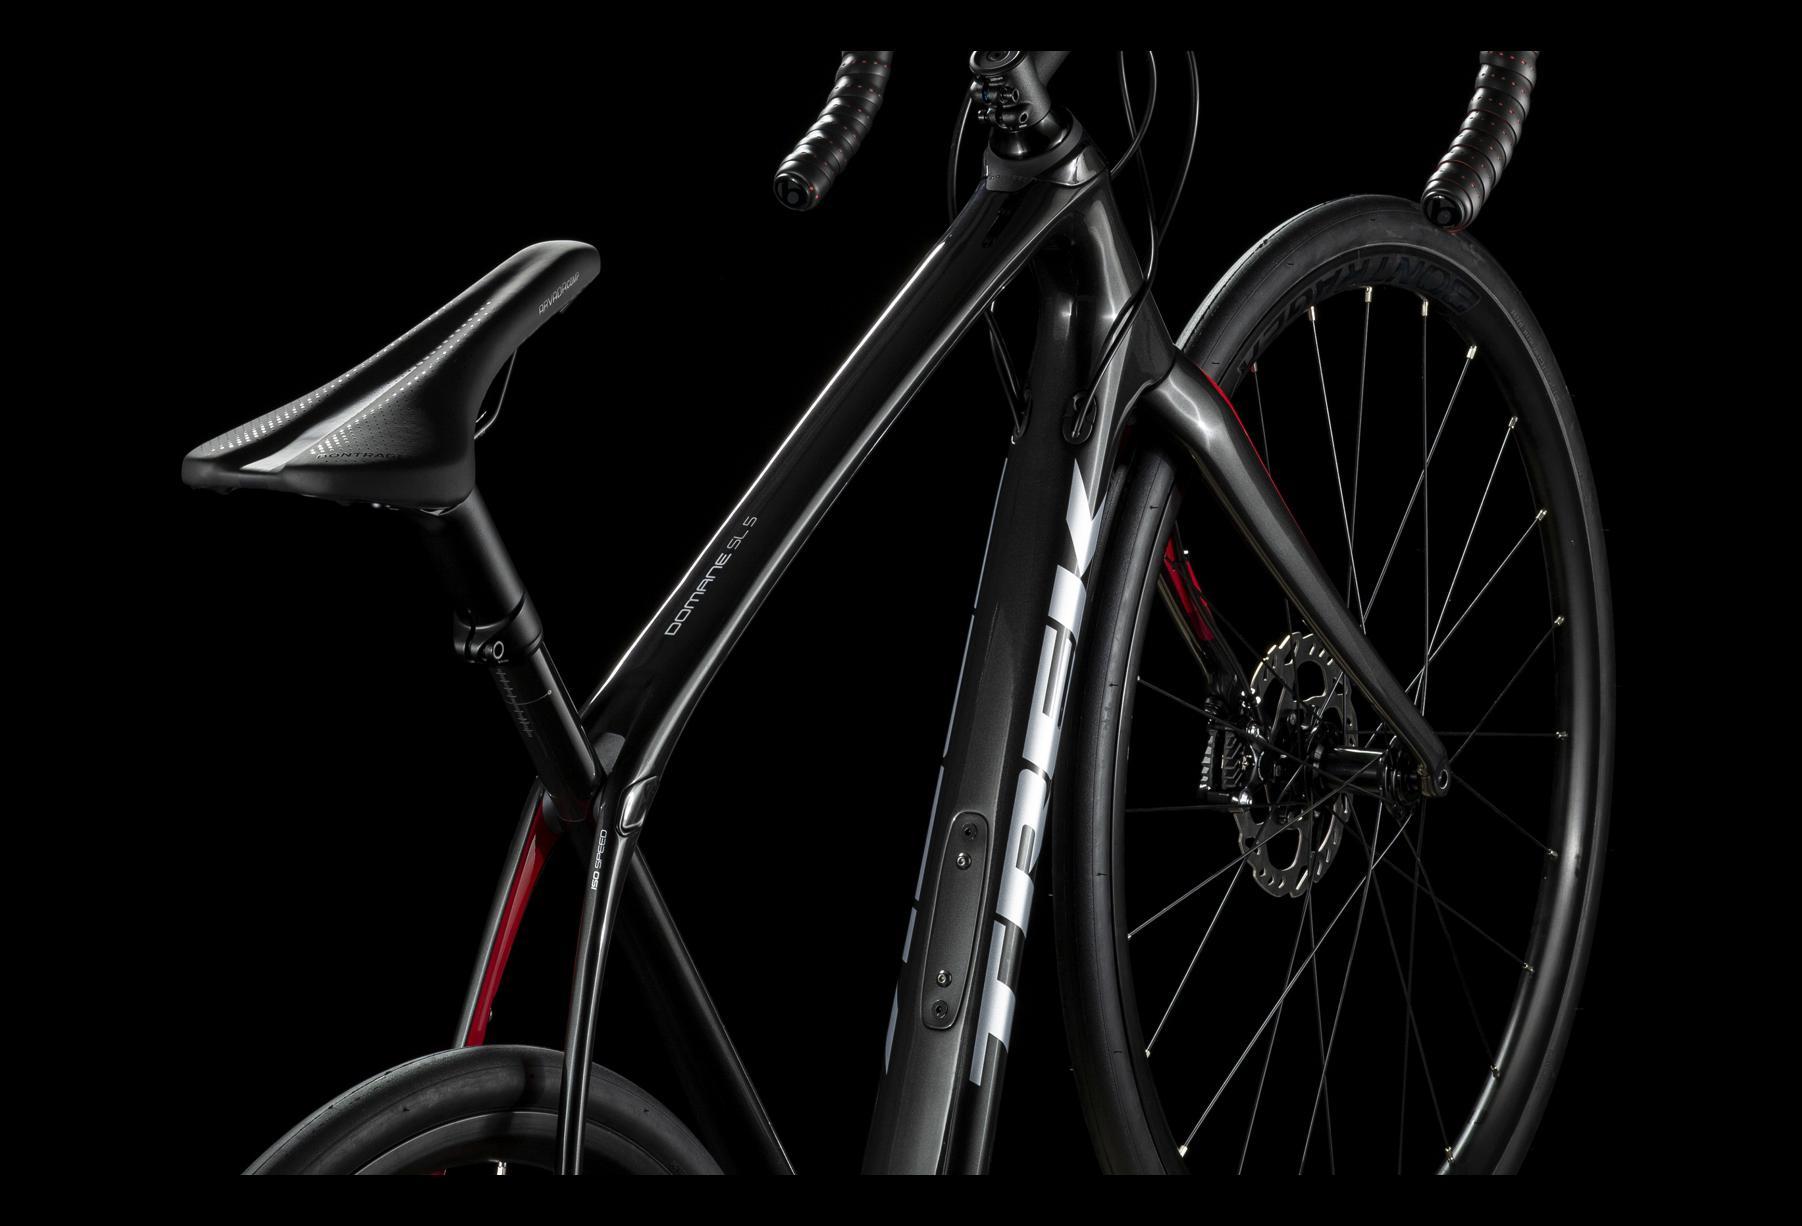 Trek Domane SL 5 Disc Road Bike 2019 Shimano 105 11S Black/Red